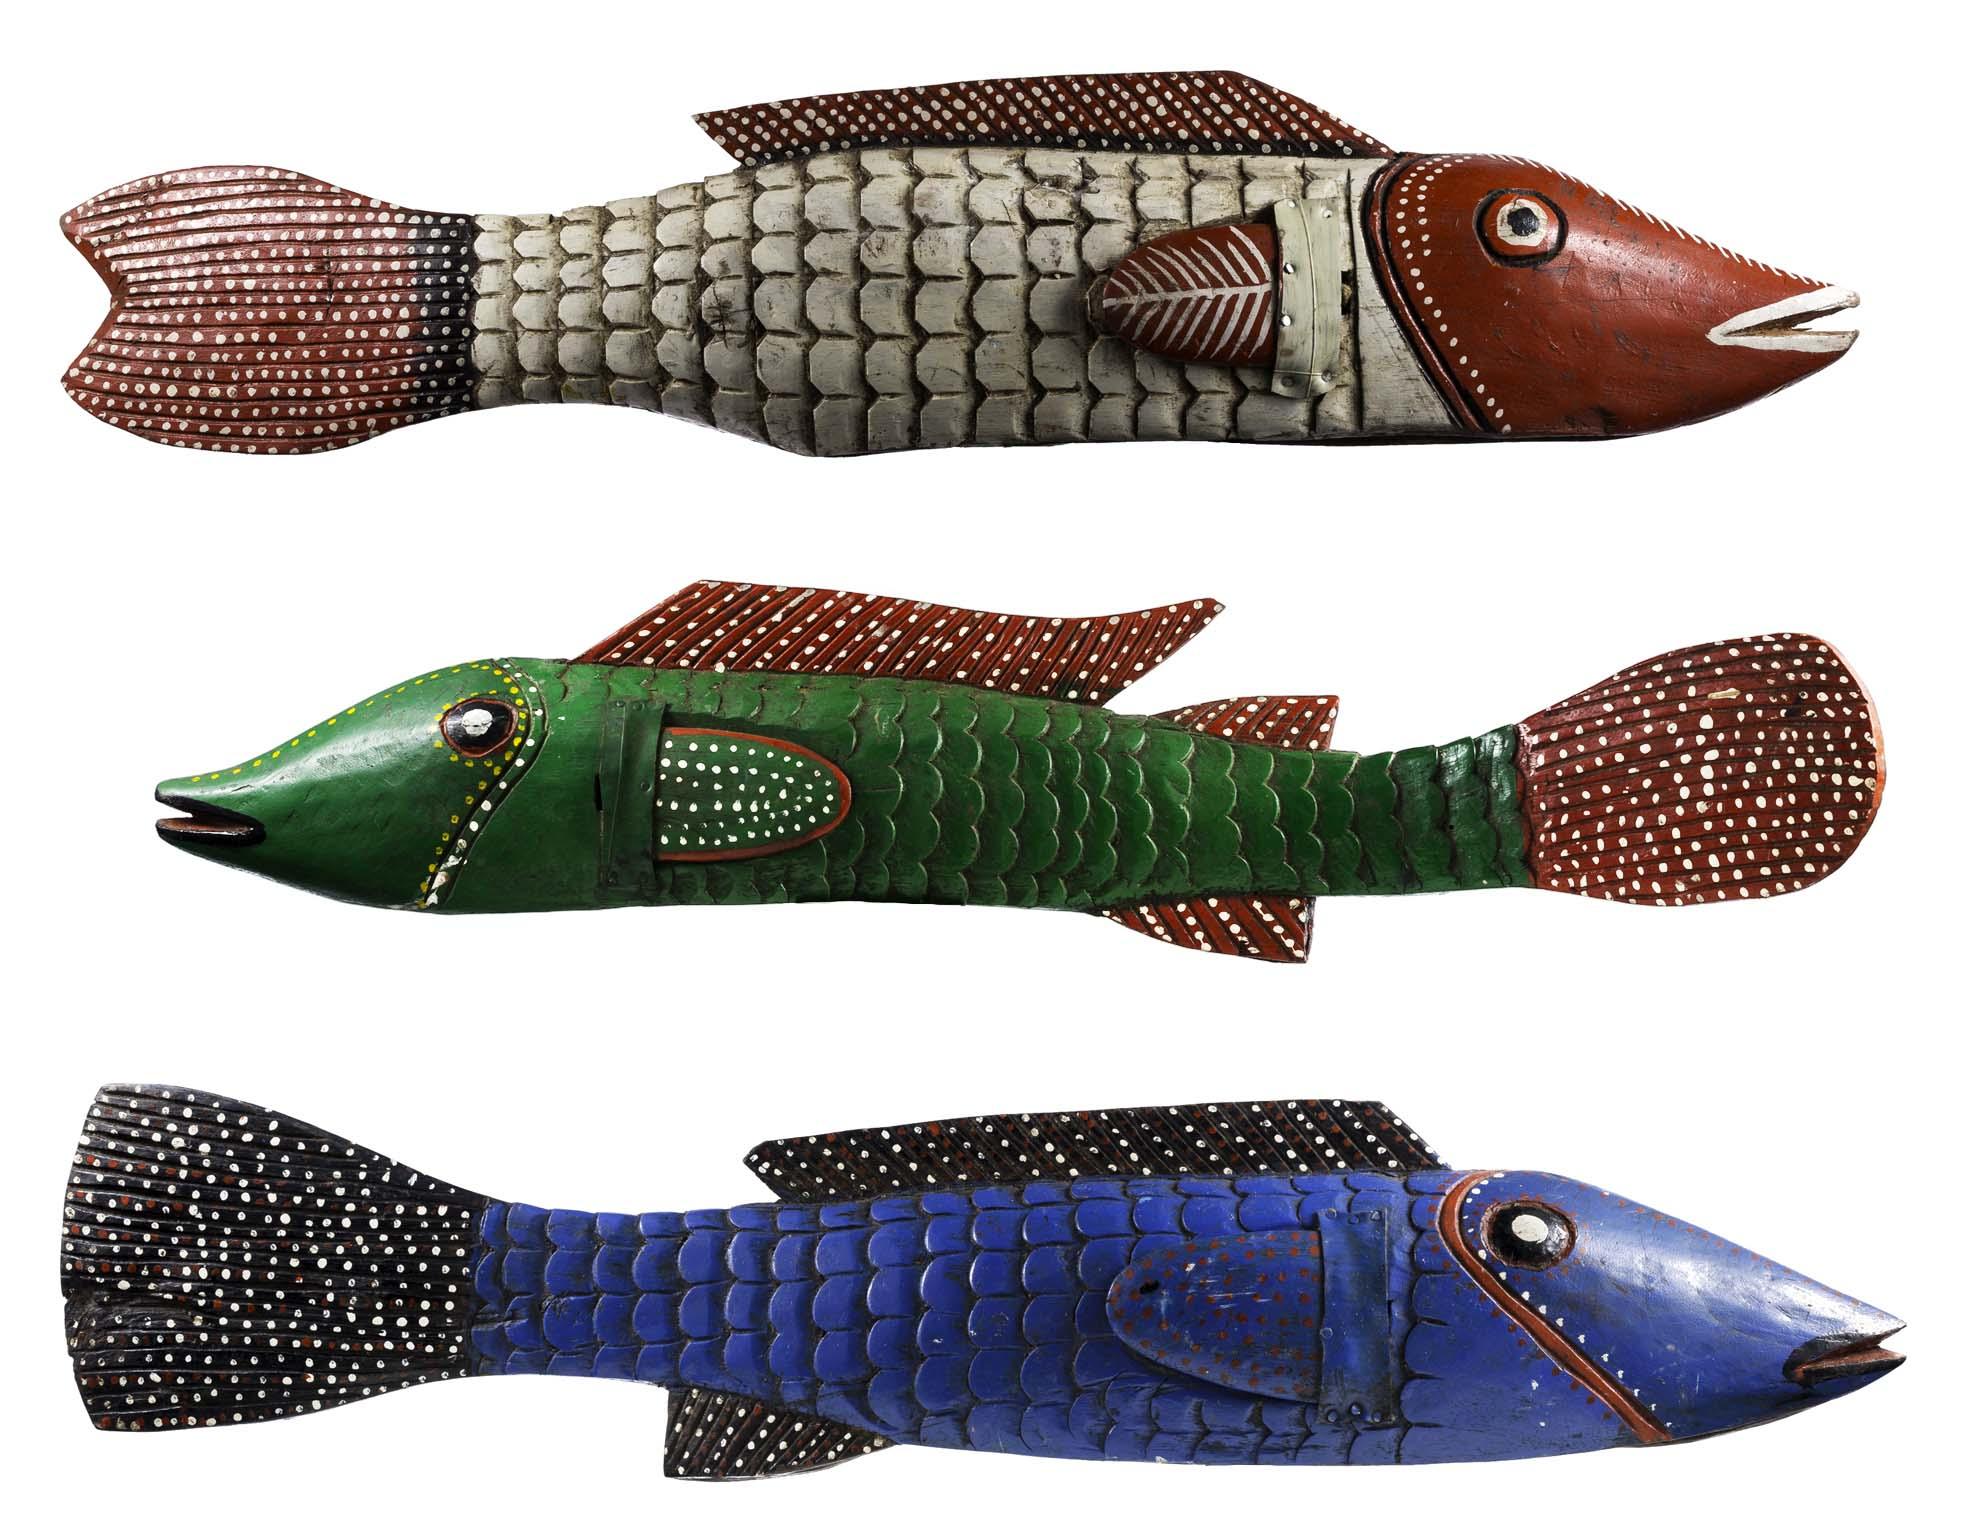 Bozo Fish Puppets, Mali